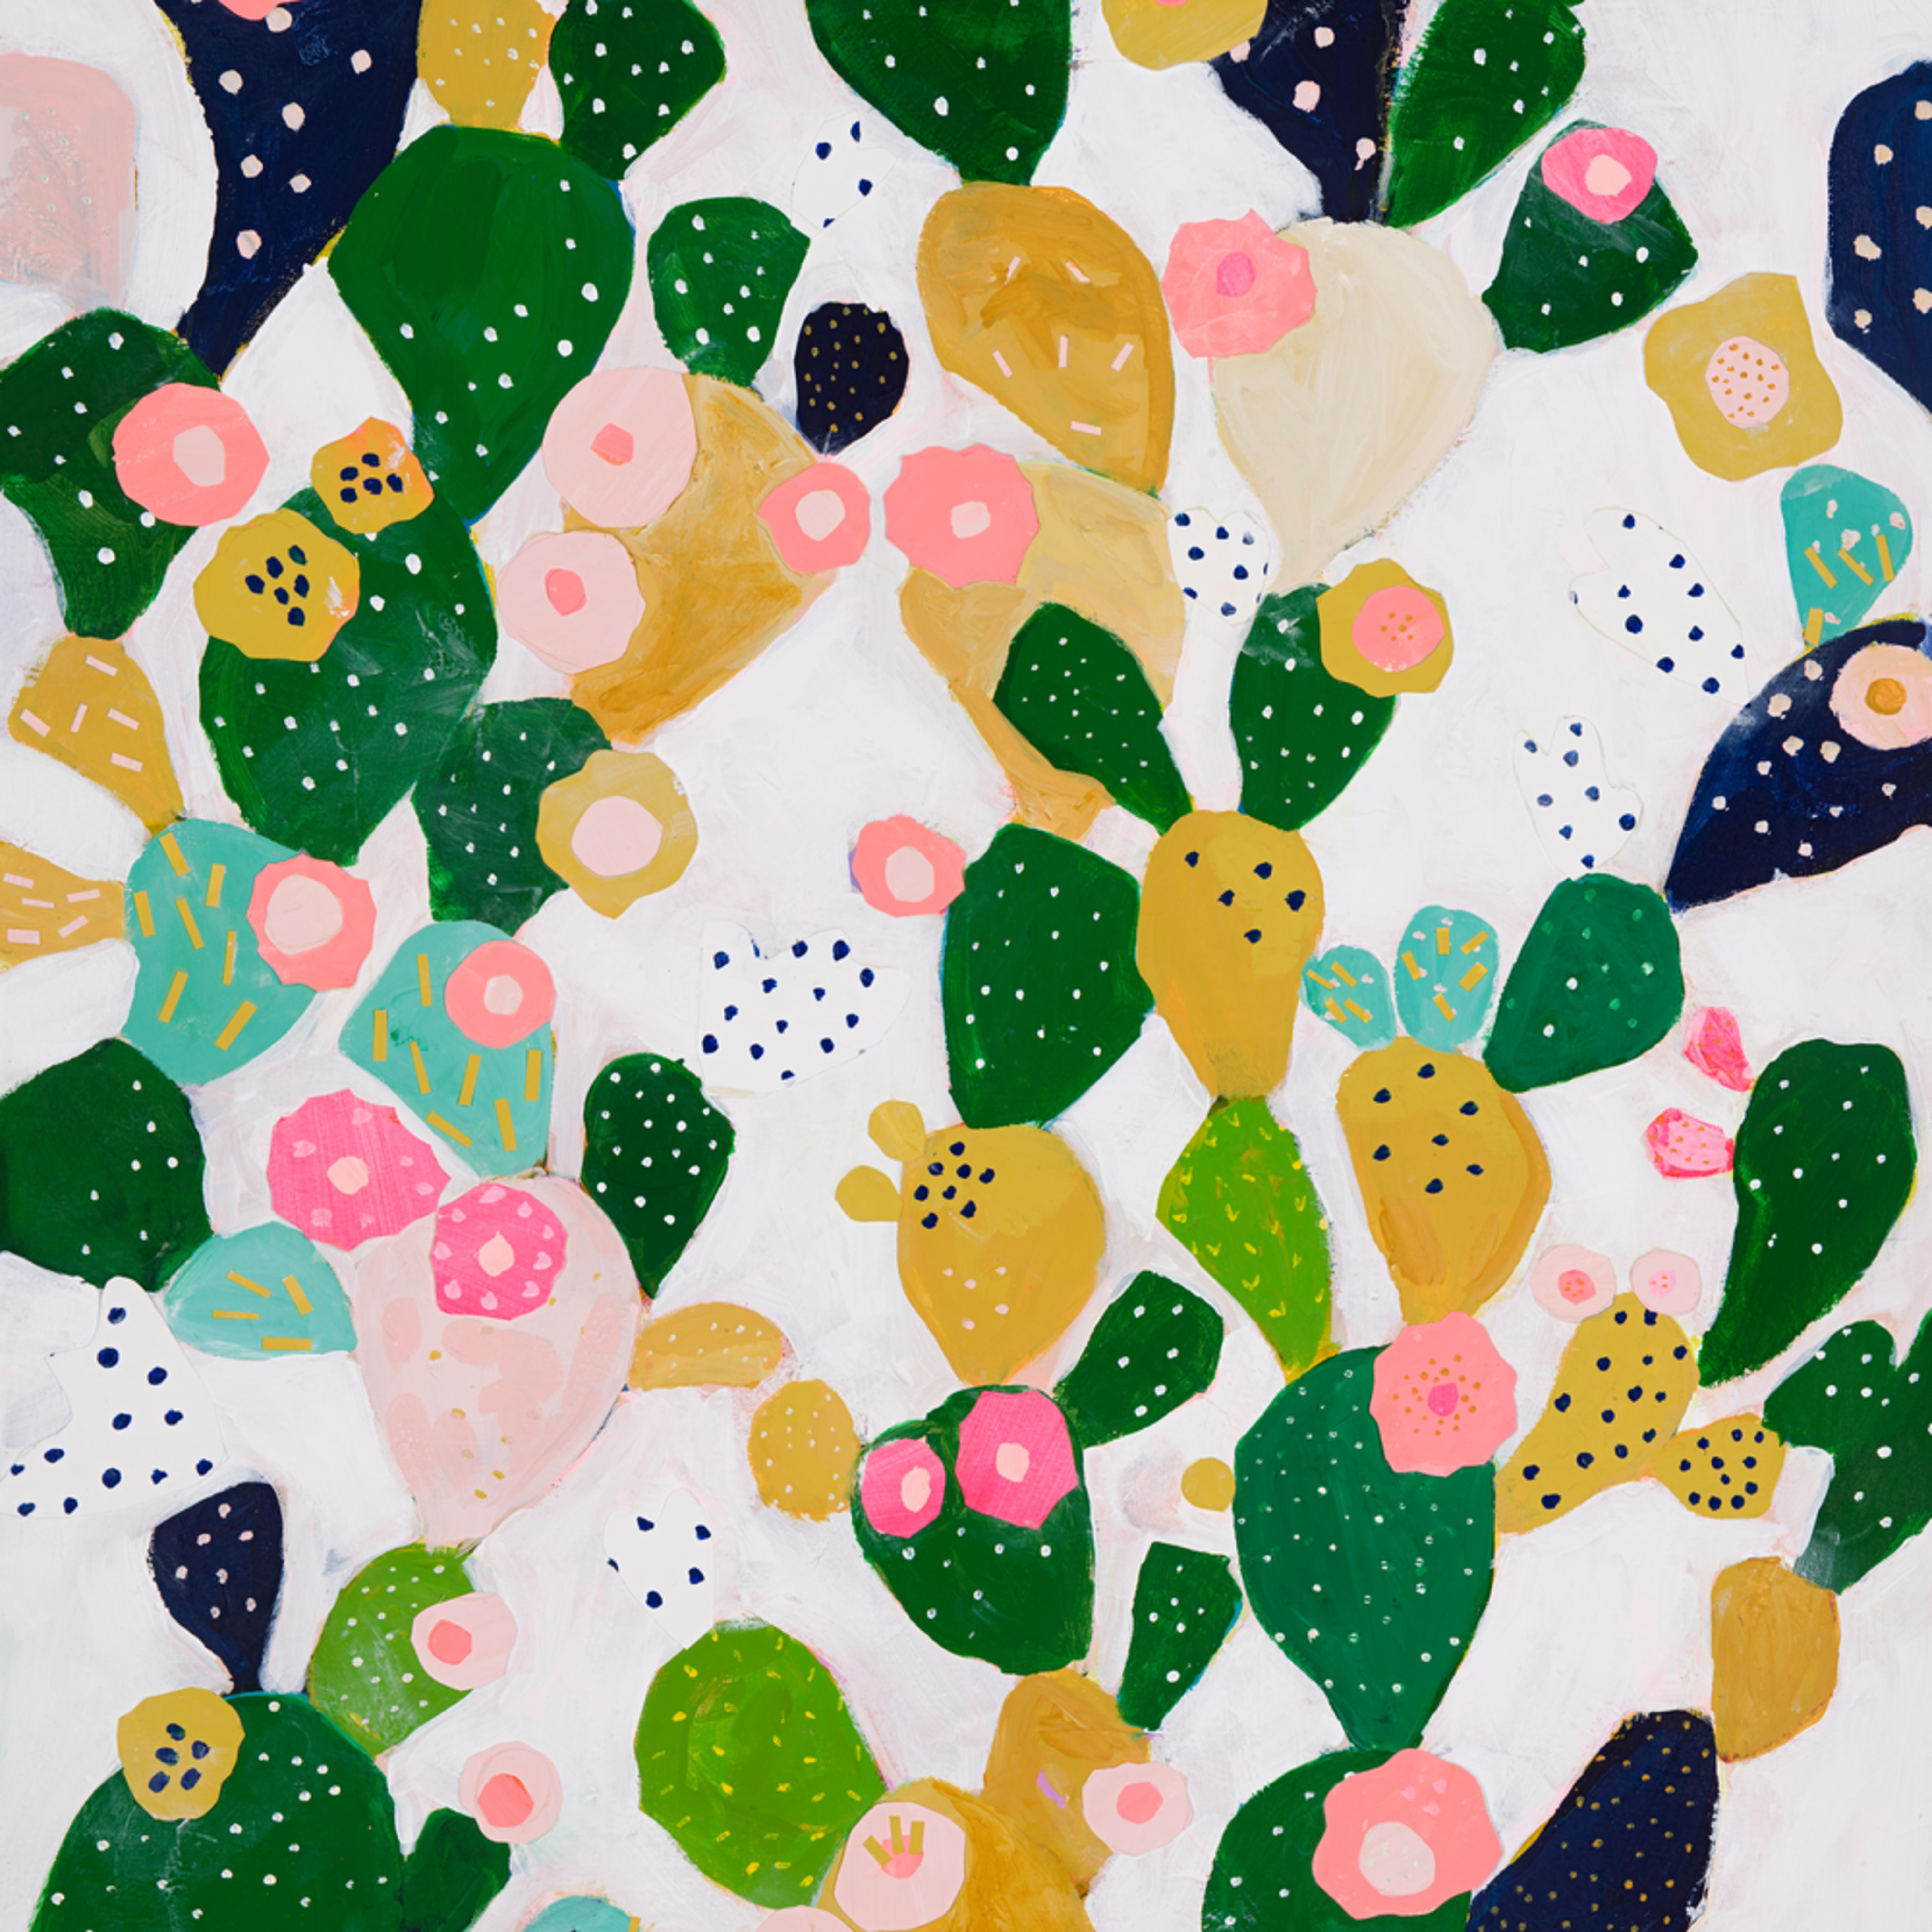 Paper bloom 1 lf91jj